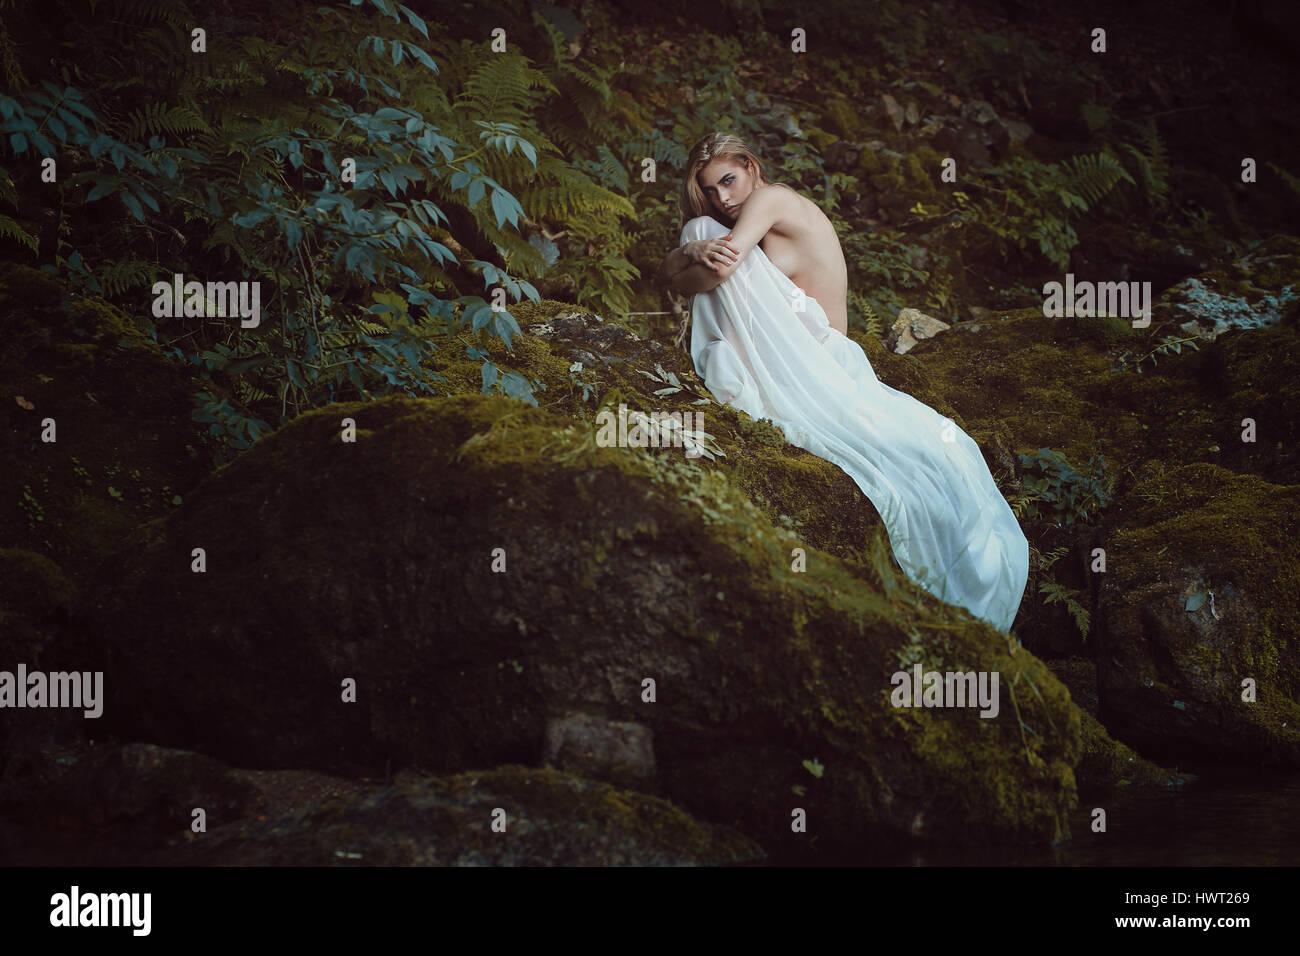 Belle jeune fille à la mère nature Sanctuary. Rêveur et romantique Photo Stock